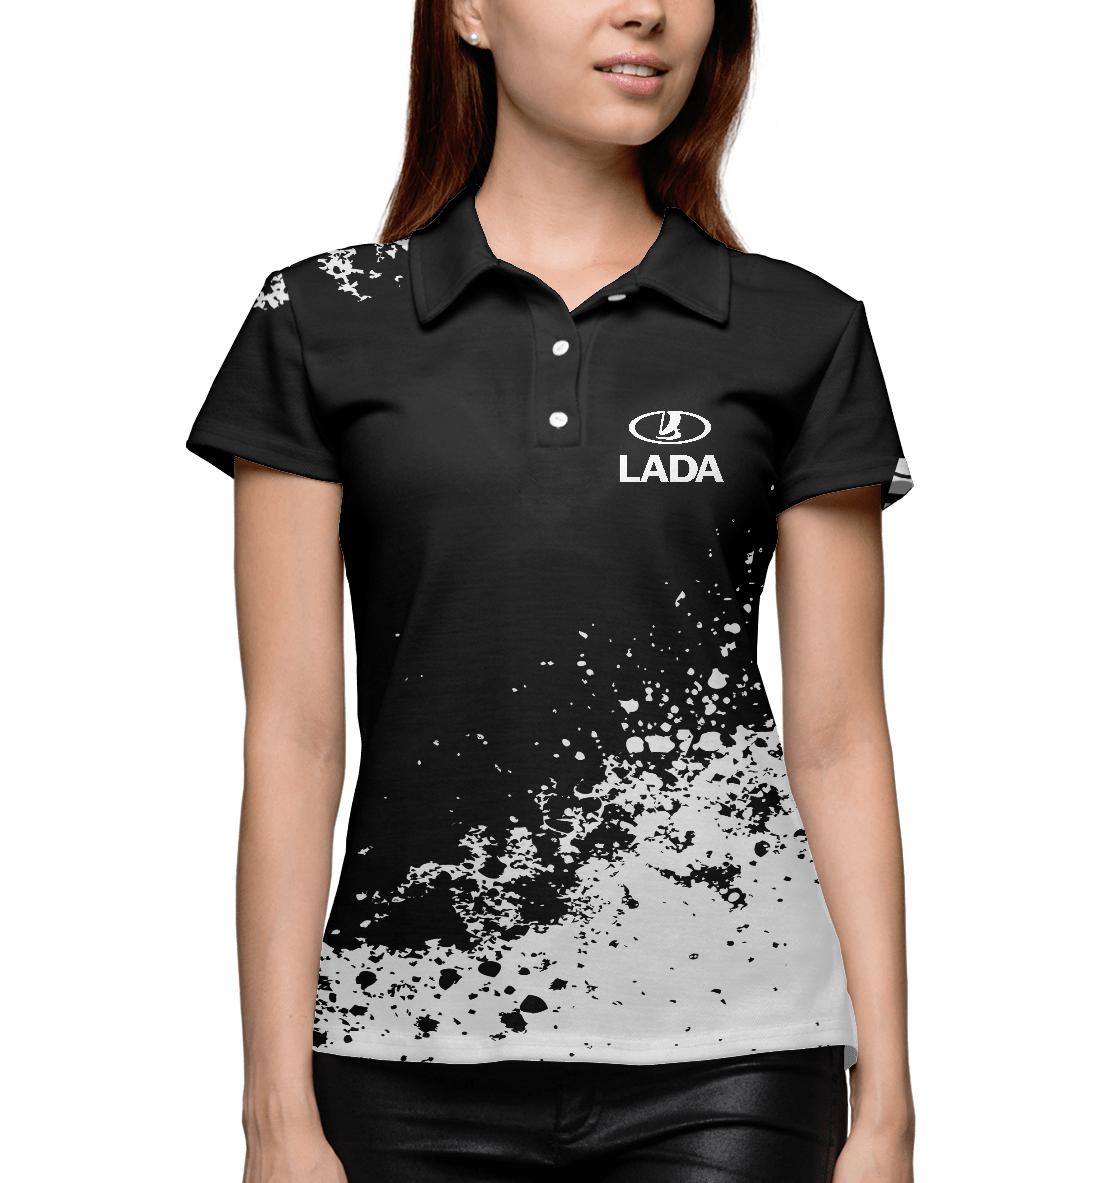 Купить Lada abstract sport uniform, Printbar, Поло, AMP-120828-pol-1